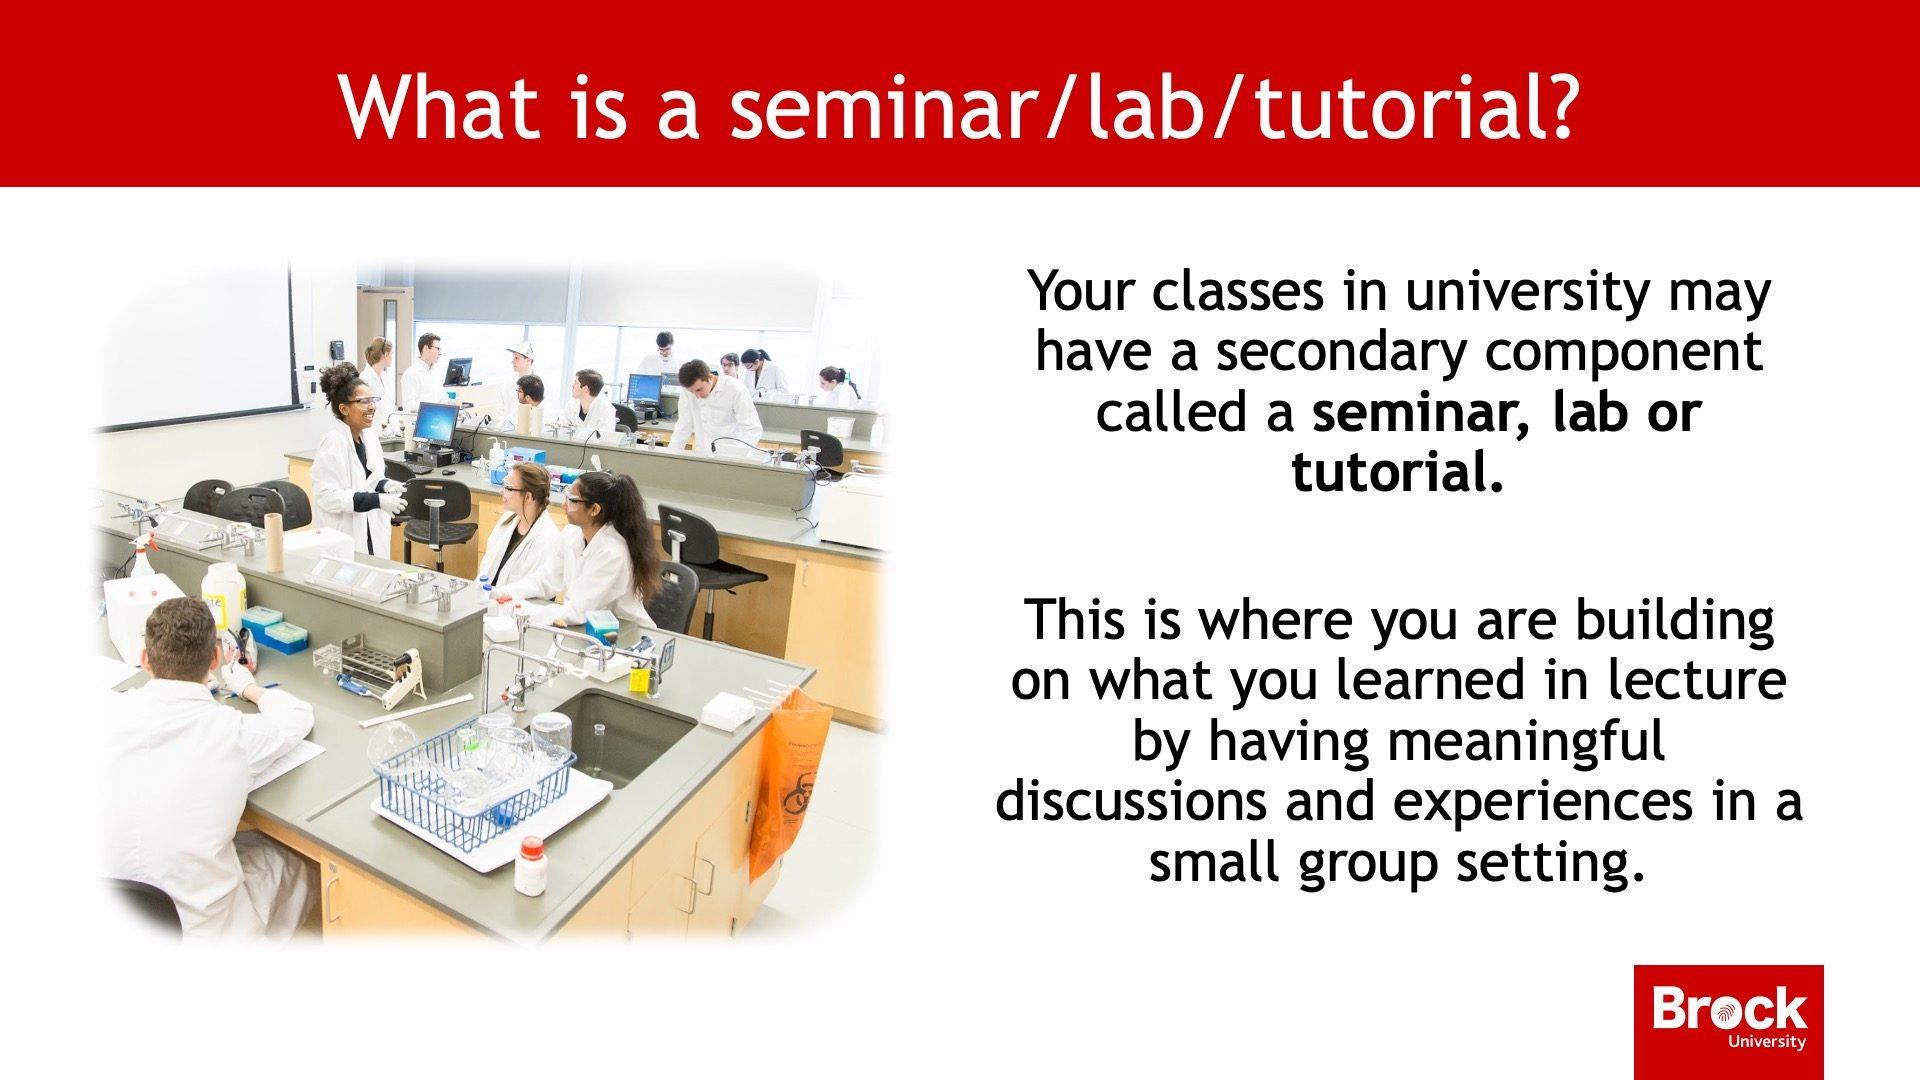 What is a seminar/lab/tutorial?